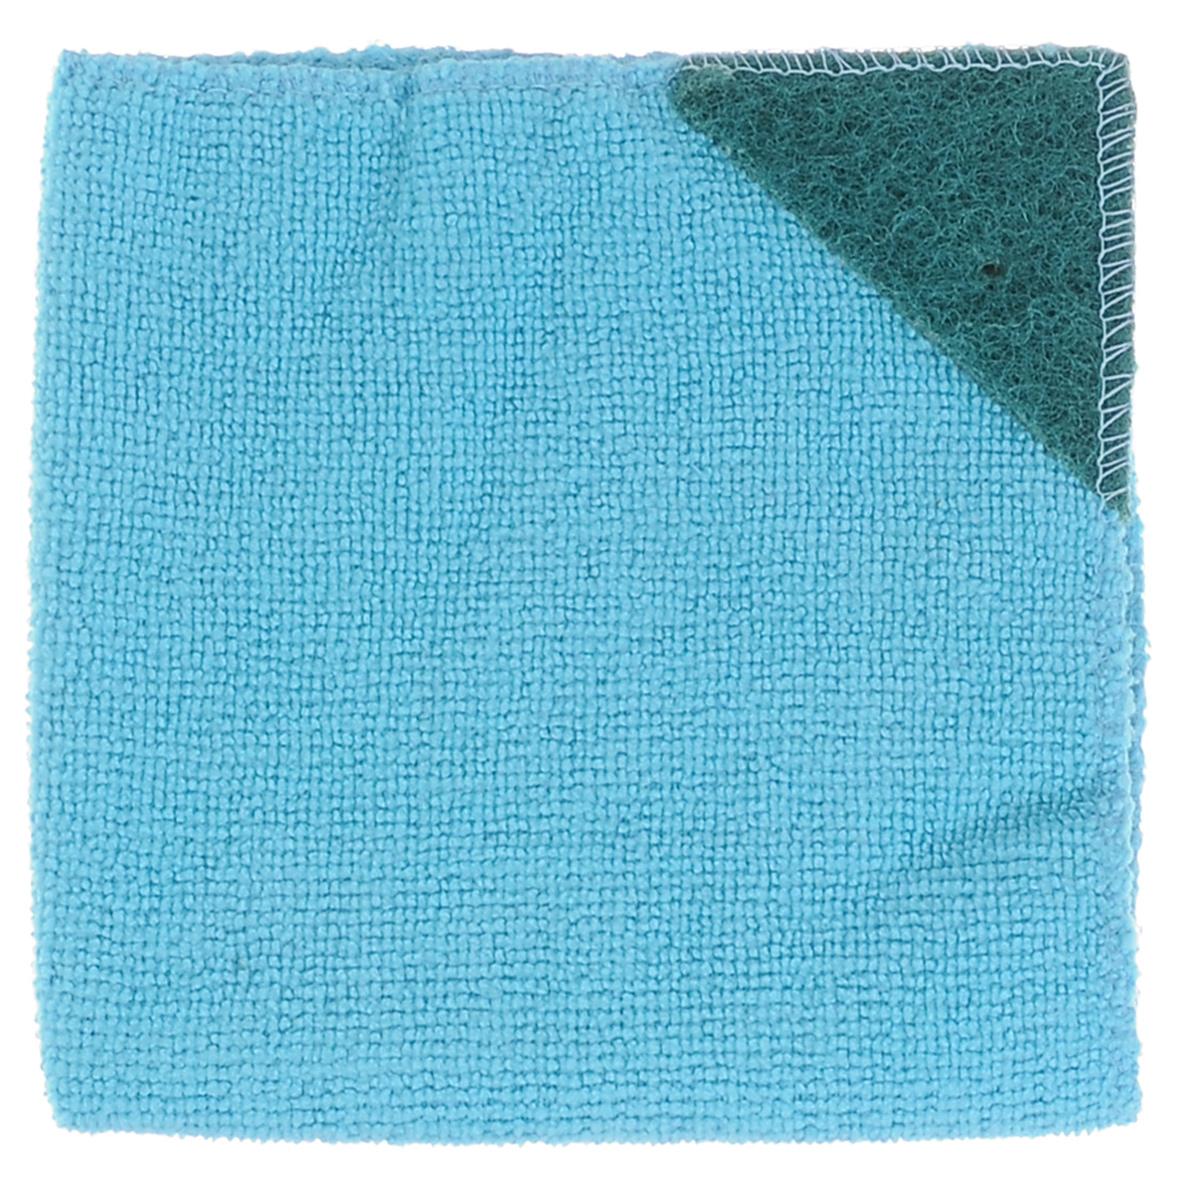 Салфетка для кухни Eva, с абразивом, цвет: голубой, 30 см х 30 см531-105Салфетка Eva, выполненная из микрофибры, отлично удаляет загрязнения и впитывает влагу. Благодаря своей структуре, она не оставляет разводов, может удалять загрязнения без помощи чистящих средств и не оставляет ворса. Салфетка имеет абразивный уголок, что позволяет удалять особенно сложные загрязнения.Размер салфетки: 30 см х 30 см.